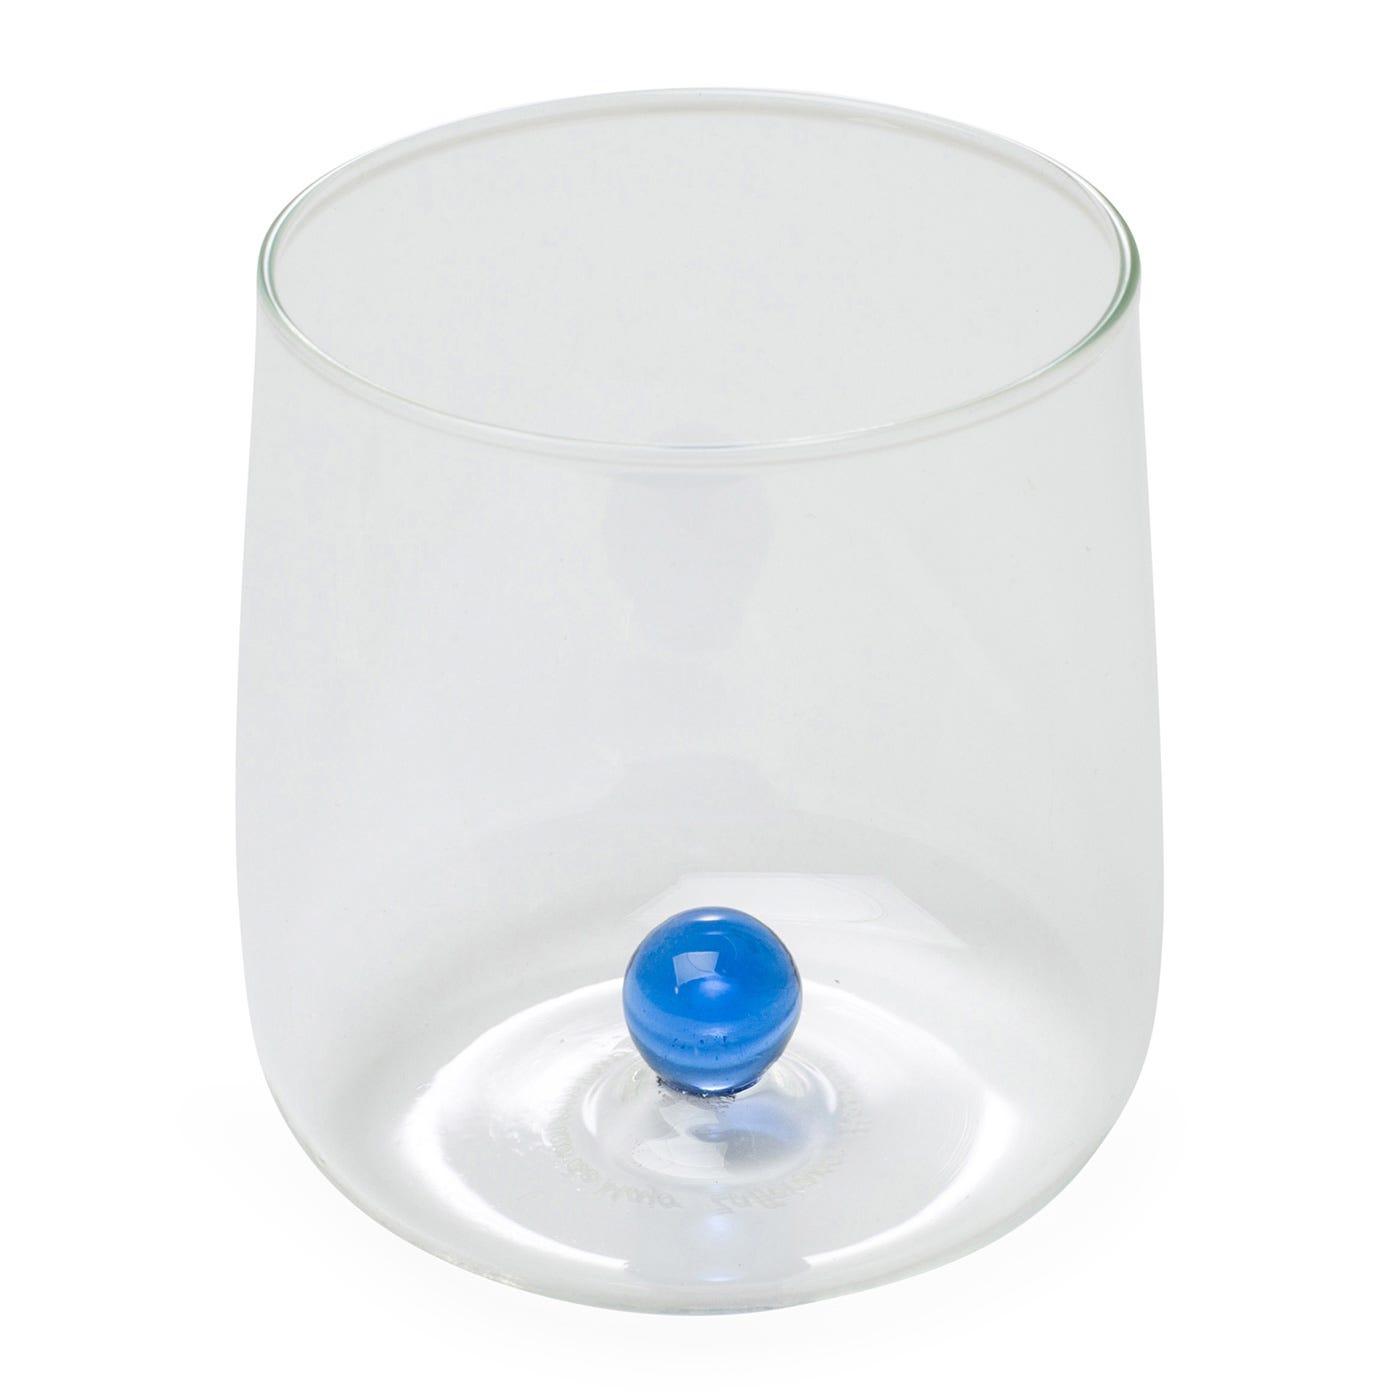 Bilia Tumbler Blue Ball